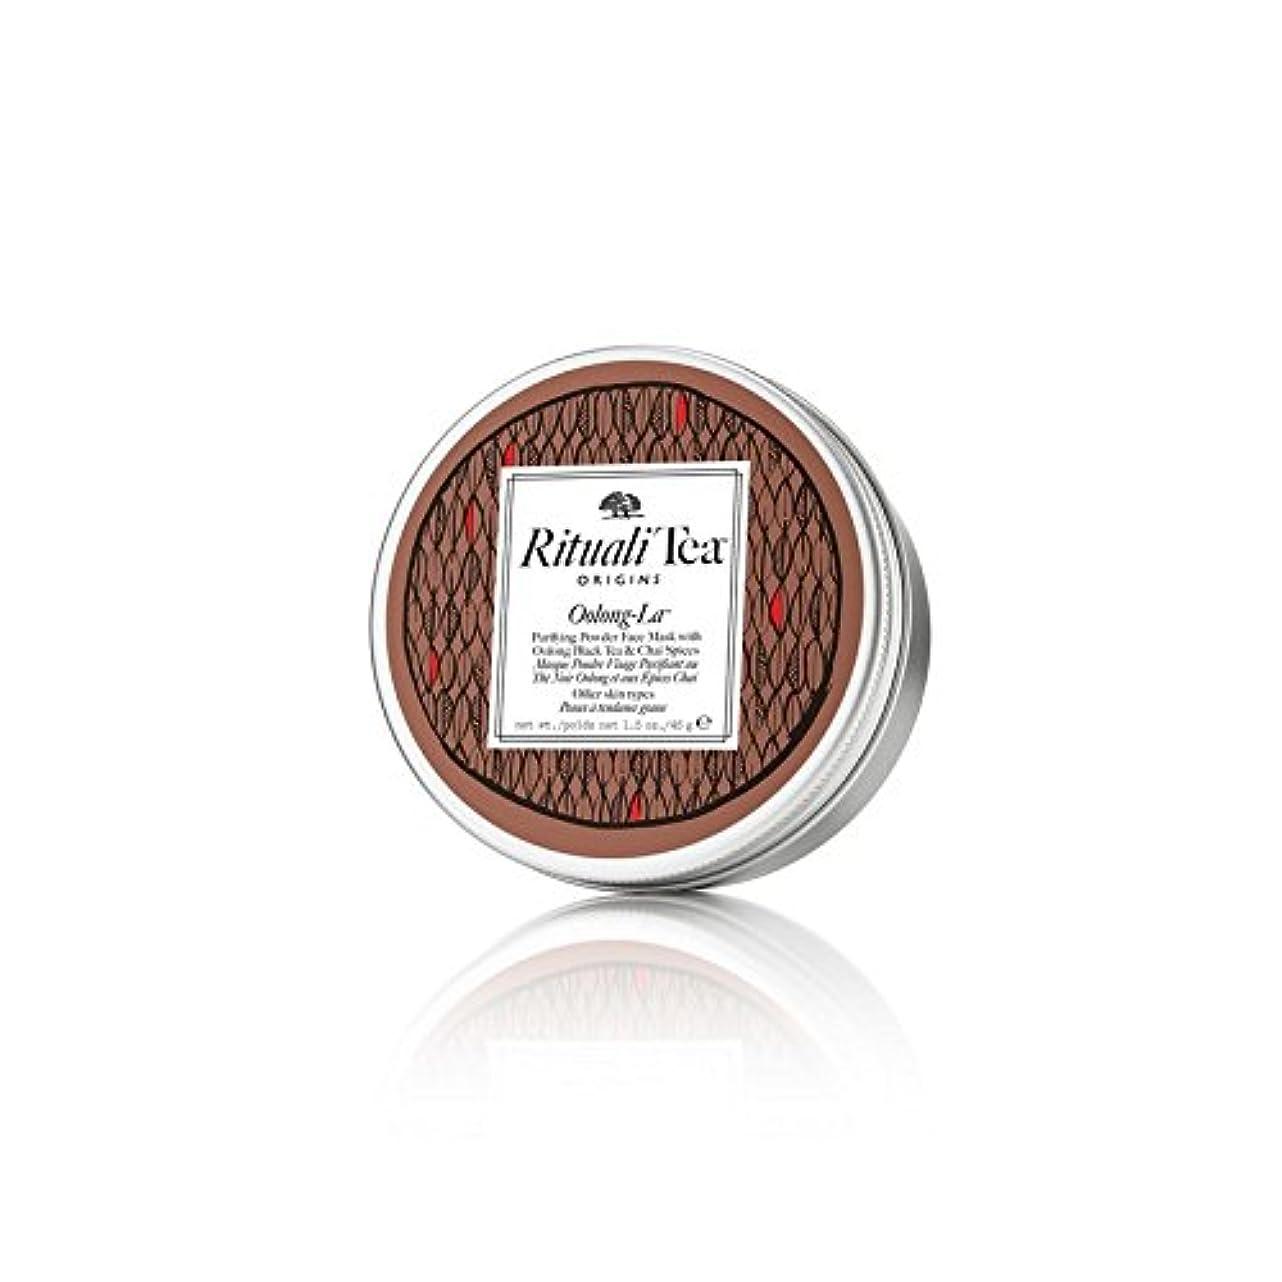 保持する偽物長さOrigins Powdered Tea Face Mask Oolong-La 45g (Pack of 6) - 起源抹茶フェイスマスク烏龍茶ラ45グラム x6 [並行輸入品]